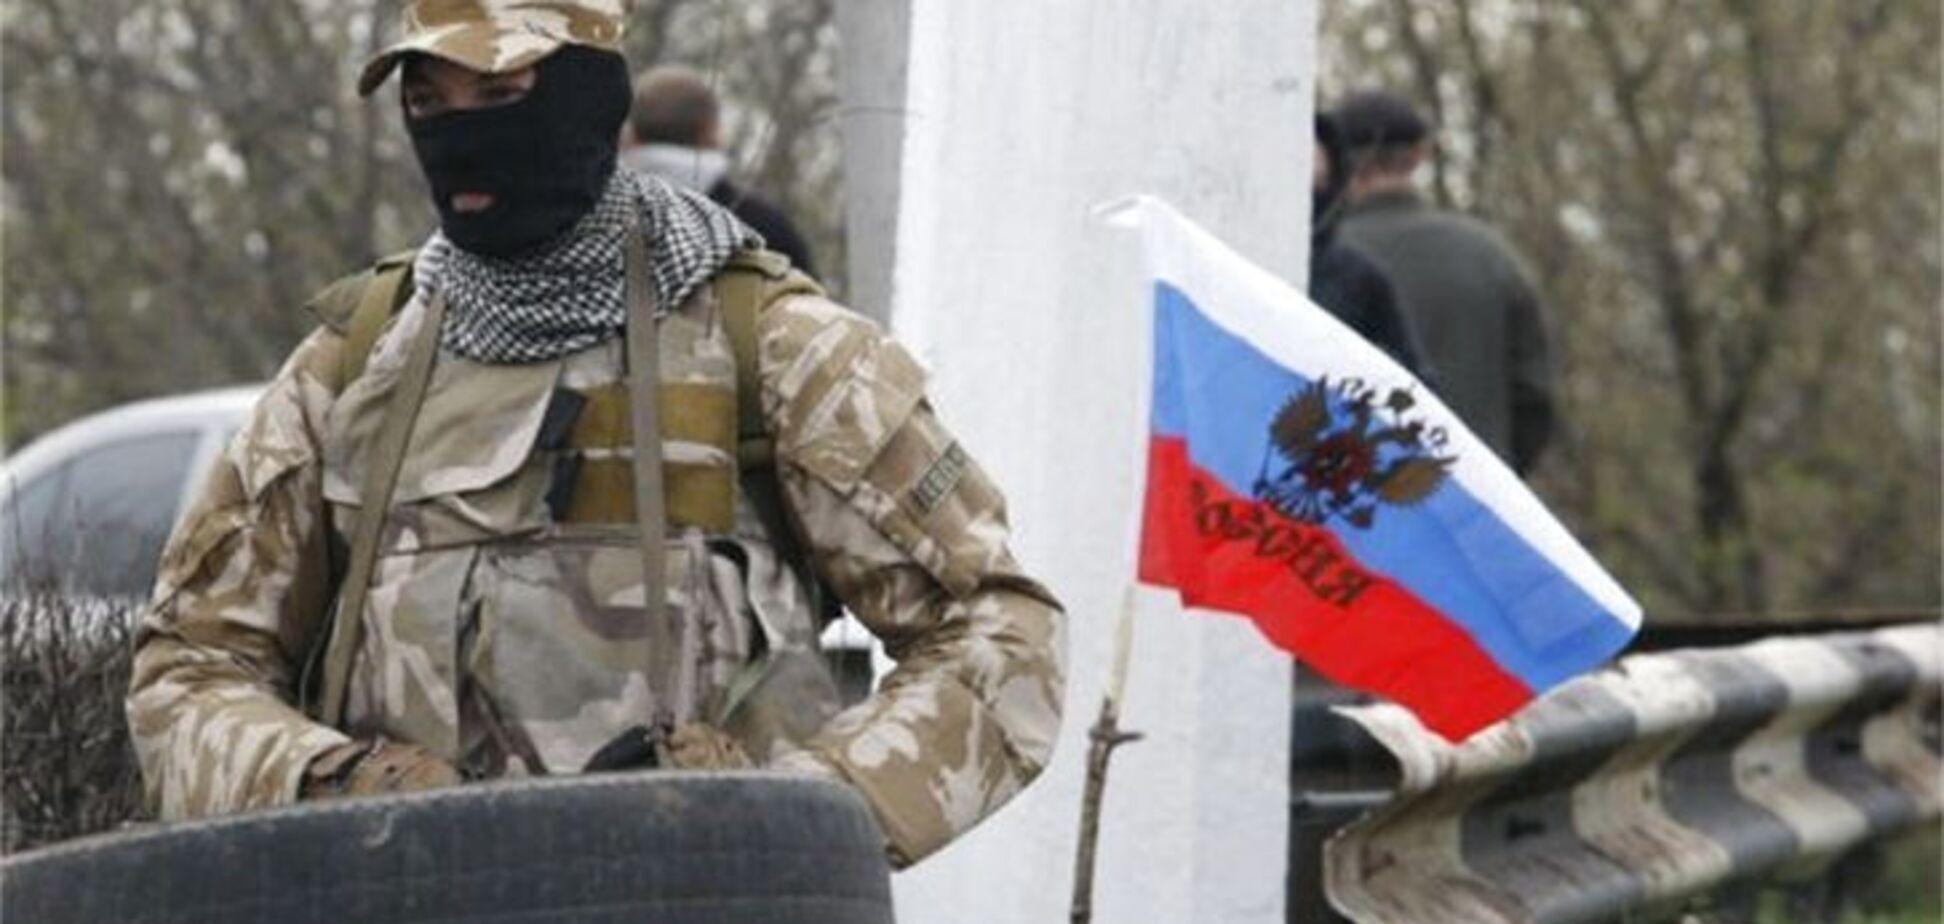 Ув'язнені в Україні ''іхтамнєти'' написали листи Путіну, їх проігнорували